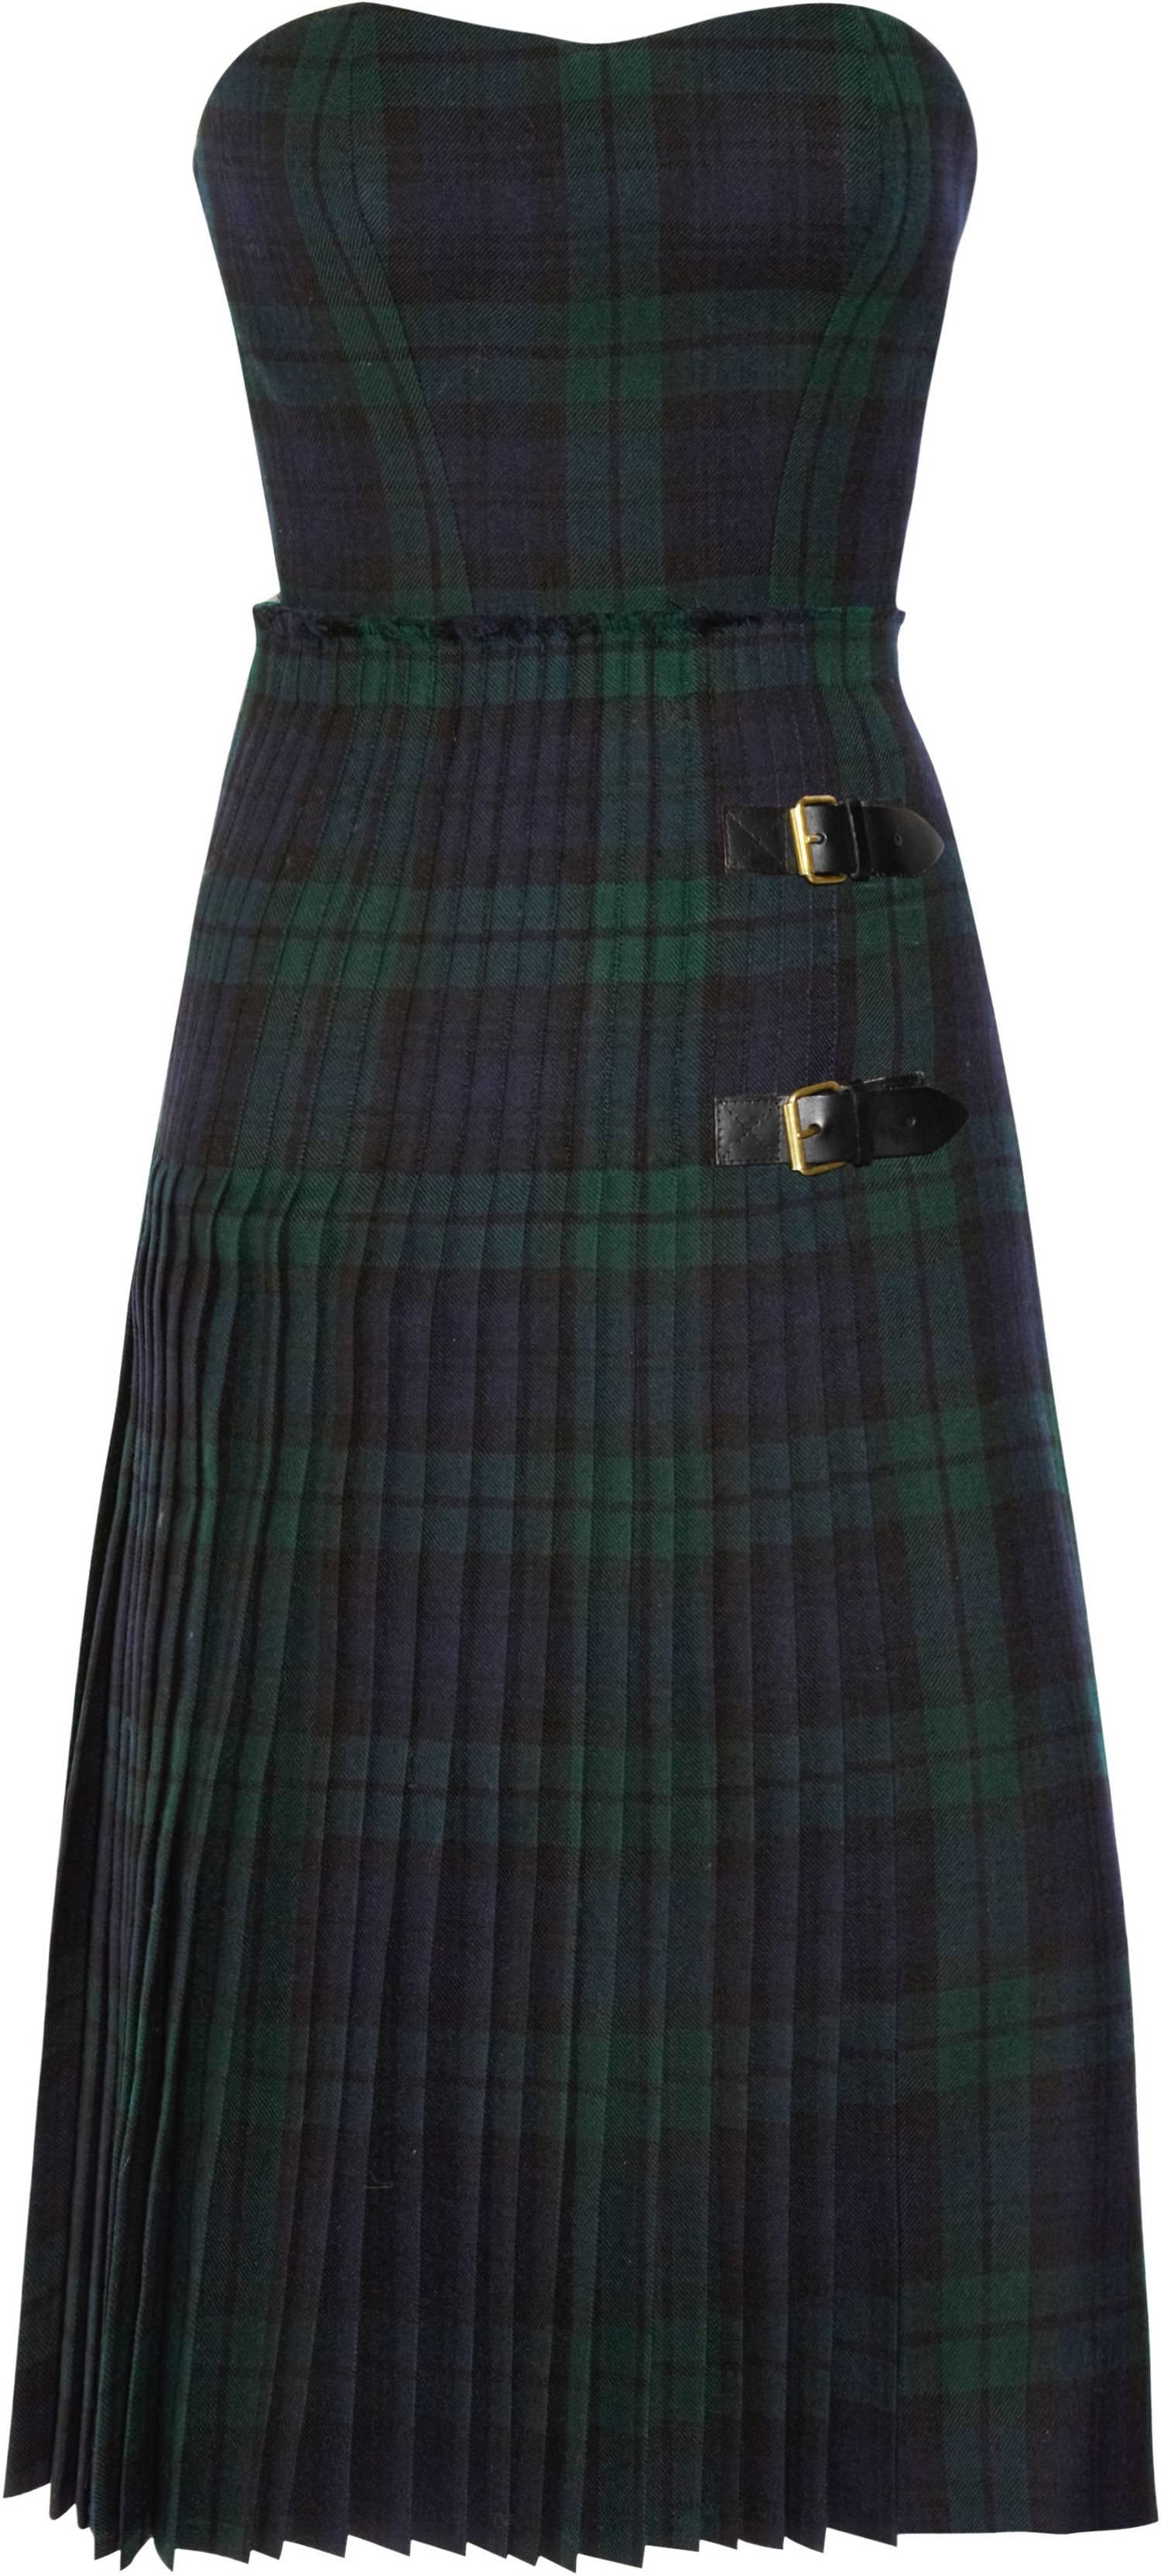 322567_McQ Alexander McQueen - Tartan Bustier Dress NET-A-PORTER